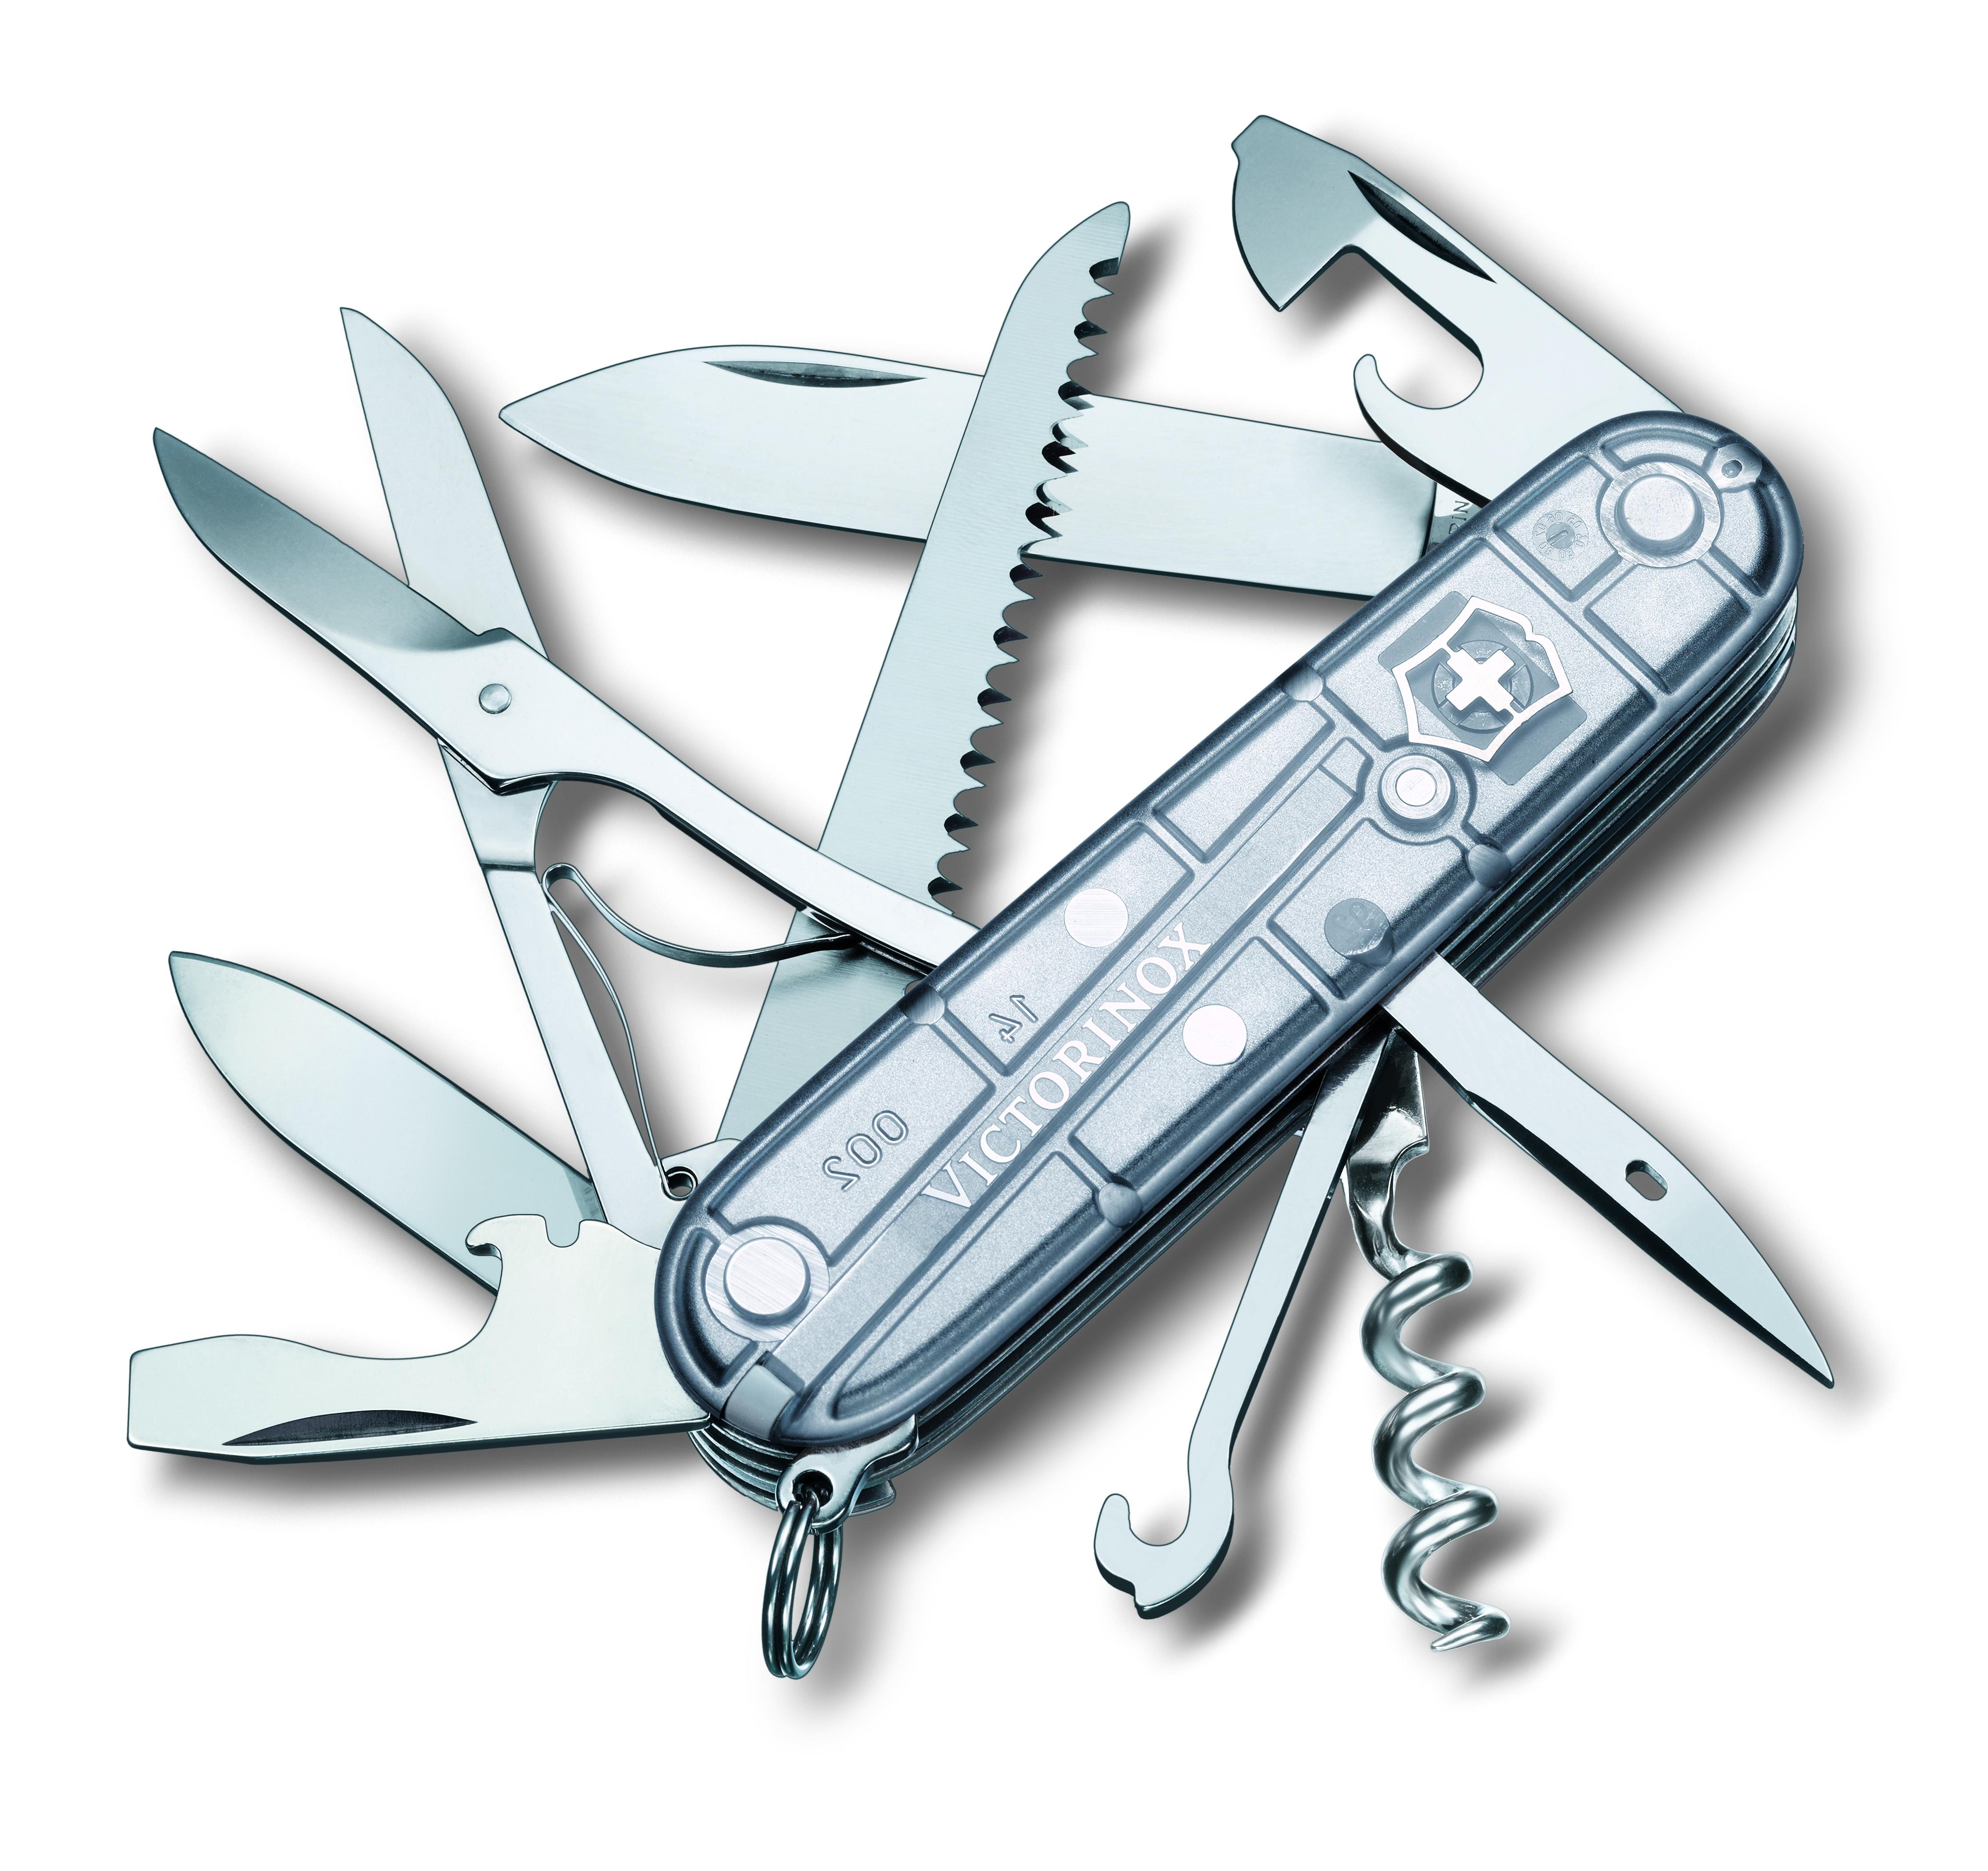 Нож перочинный Victorinox Huntsman, 15 функций, цвет: прозрачный, длина клинка 68 мм1.3713.T7Маленький красный карманный нож с эмблемой креста на щите на рукояти — самый узнаваемый символ компании Victorinox.В 1897 году основатель компани Карл Эльзенер разработал первый «Швейцарский армейский нож».Более 130 лет компания Victorinox разрабатывает продукты,которые не просто уникальны по дизайну и качеству,но и способны стать верными спутниками по жизни как для великих,так и для небольших приключений. VICTORINOX арт. 1.3713.T7 Швейцарский армейский нож HUNTSMAN имеет 15 функций: 1. Большое лезвие 2. Малое лезвие 3. Штопор 4. Консервный нож с: 5. – Малой отвёрткой 6. Открывалка для бутылок с: 7. – Отвёрткой 8. – Инструментом для снятия изоляции 9. Шило, кернер 10. Кольцо для ключей 11. Пинцет 12. Зубочистка 13. Ножницы 14. Многофункциональный крючок 15. Пила по дереву Цвет рукояти: полупрозрачный серебристый Рекомендуемые чехлы: 4.0480.1, 4.0480.3, 4.0520.1, 4.0520.3, 4.0520.31, 4.0520.32, 4.0543.3, 4.0533, 4.0738 Рекомендуемые аксессуары: Инструмент для заточки: 4.3311, 4.3323,...